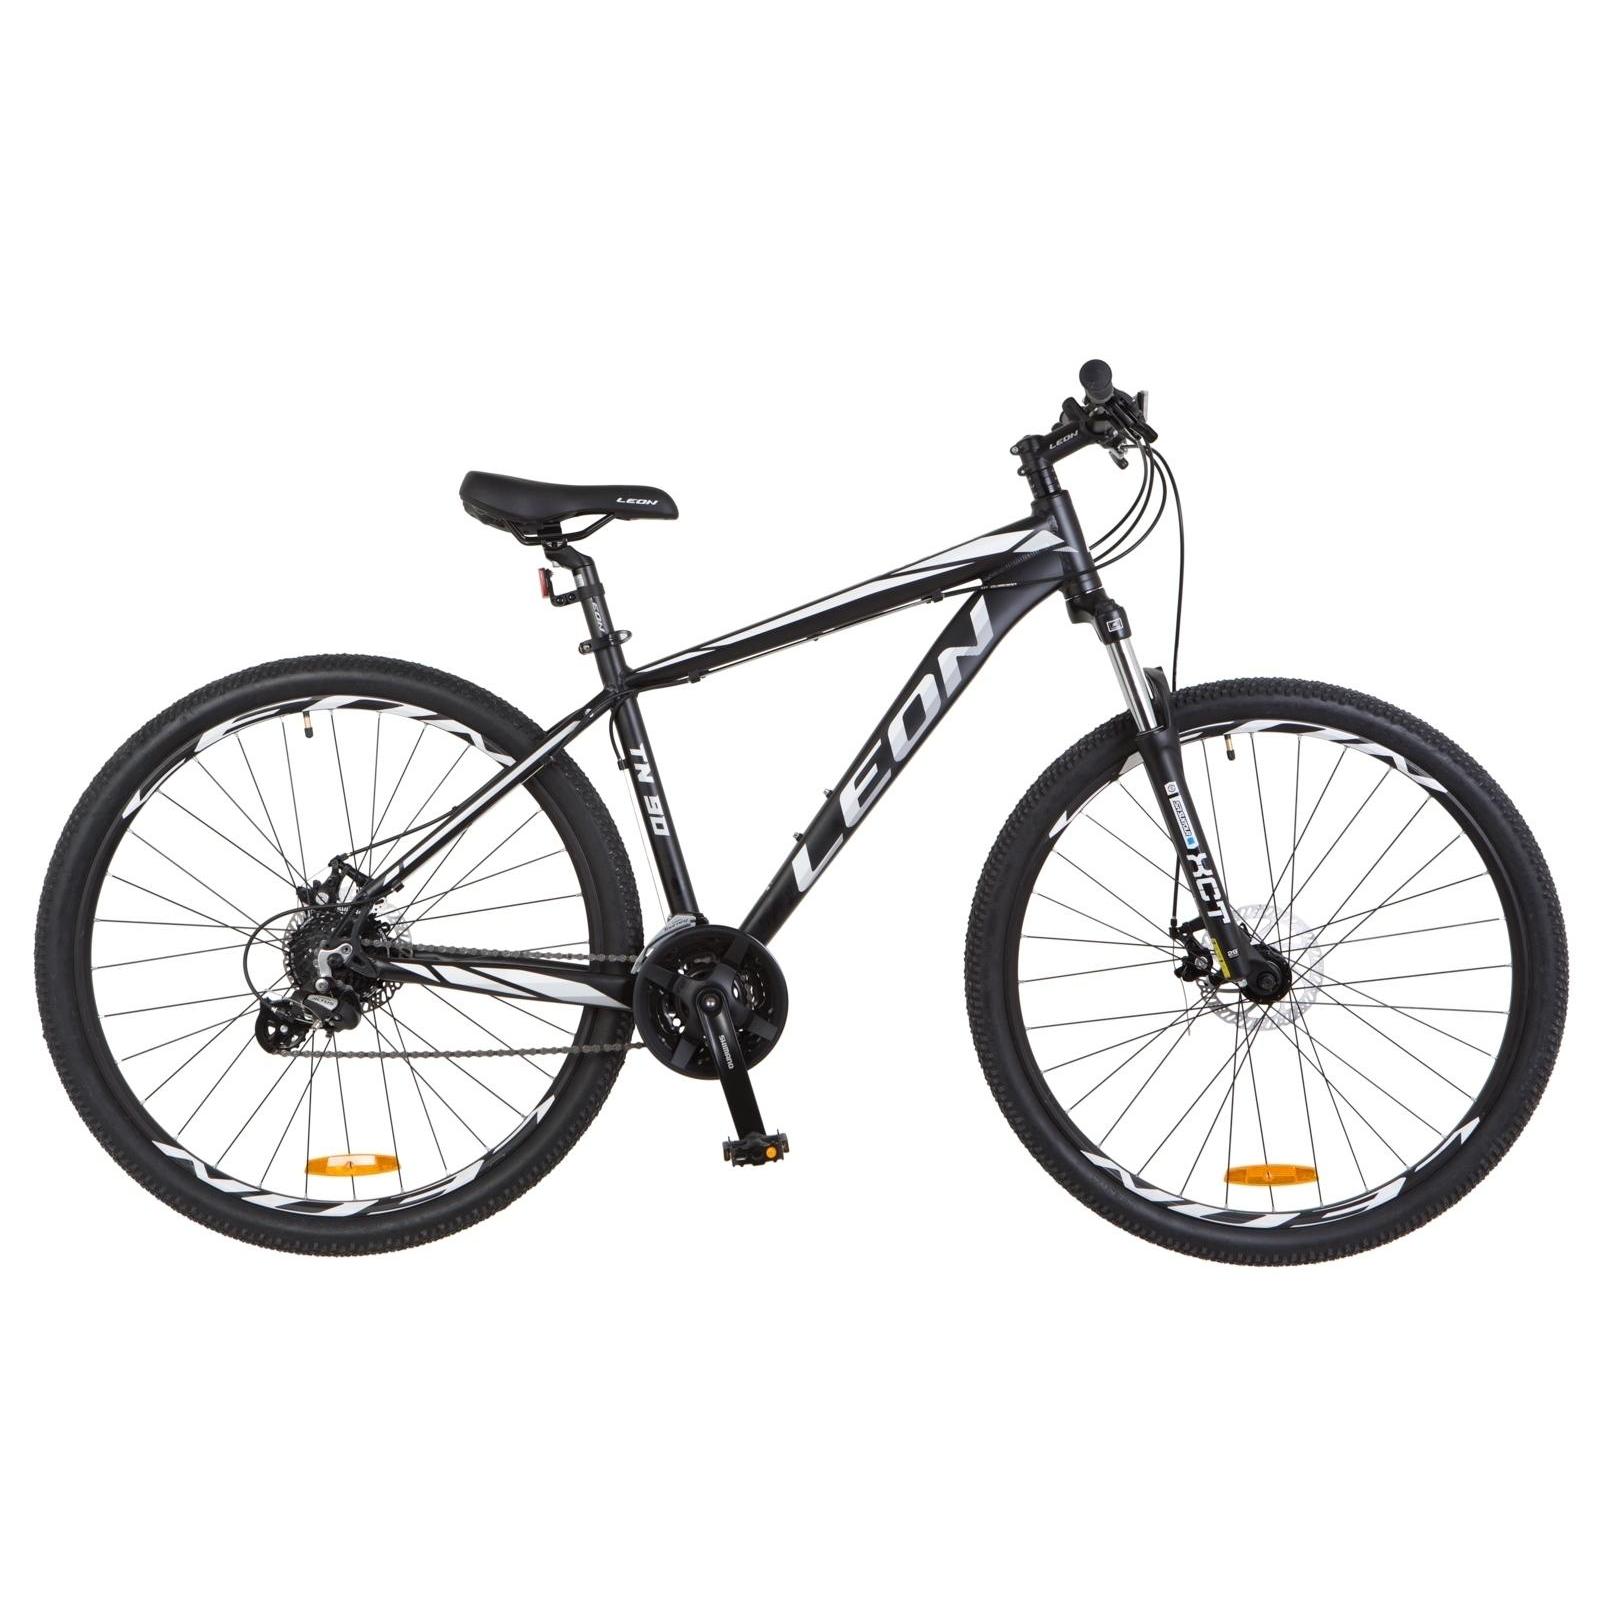 """Велосипед Leon 29"""" TN-90 2018 AM Hydraulic lock out 14G DD рама-20"""" Al (OPS-LN-29-043)"""